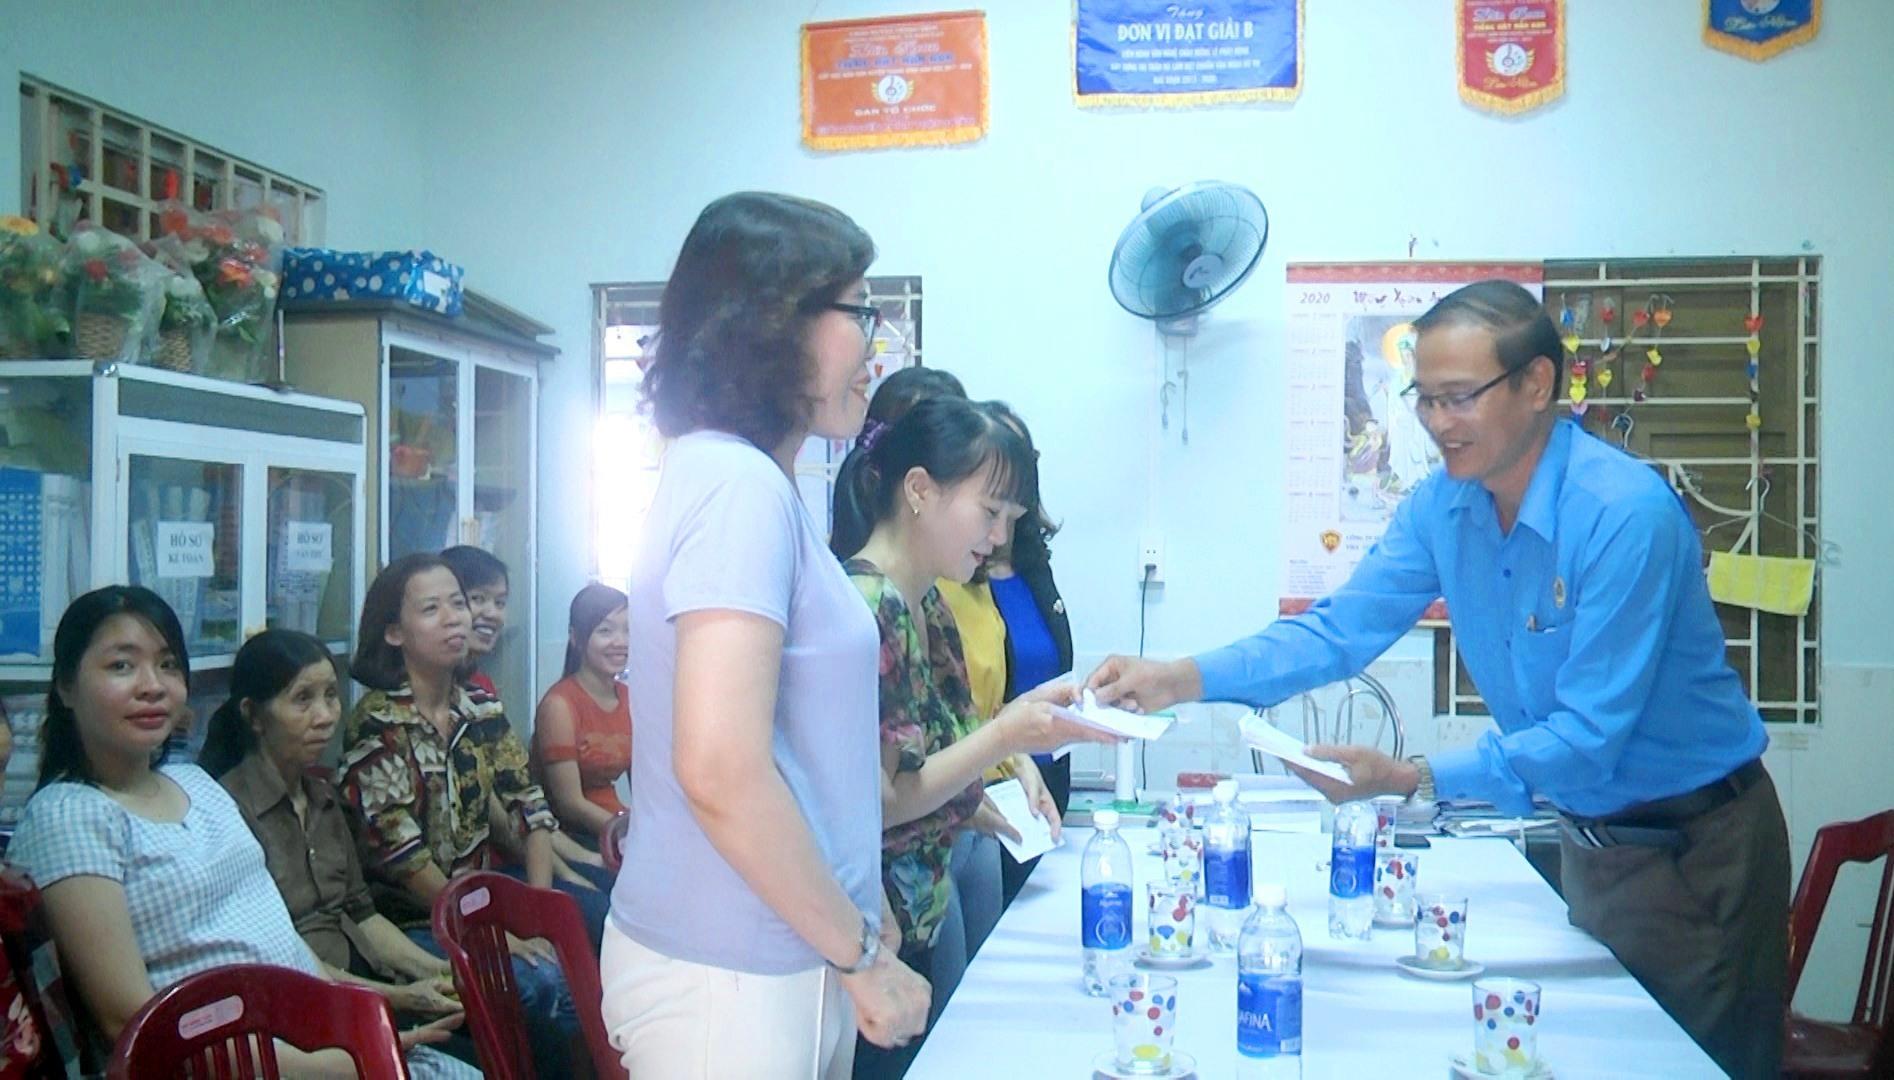 Lãnh đạo LĐLĐ tỉnh Quảng Nam Trao quà cho các cô giáo trường Mầm non tư thục Tuổi Thần Tiên. Ảnh: MT